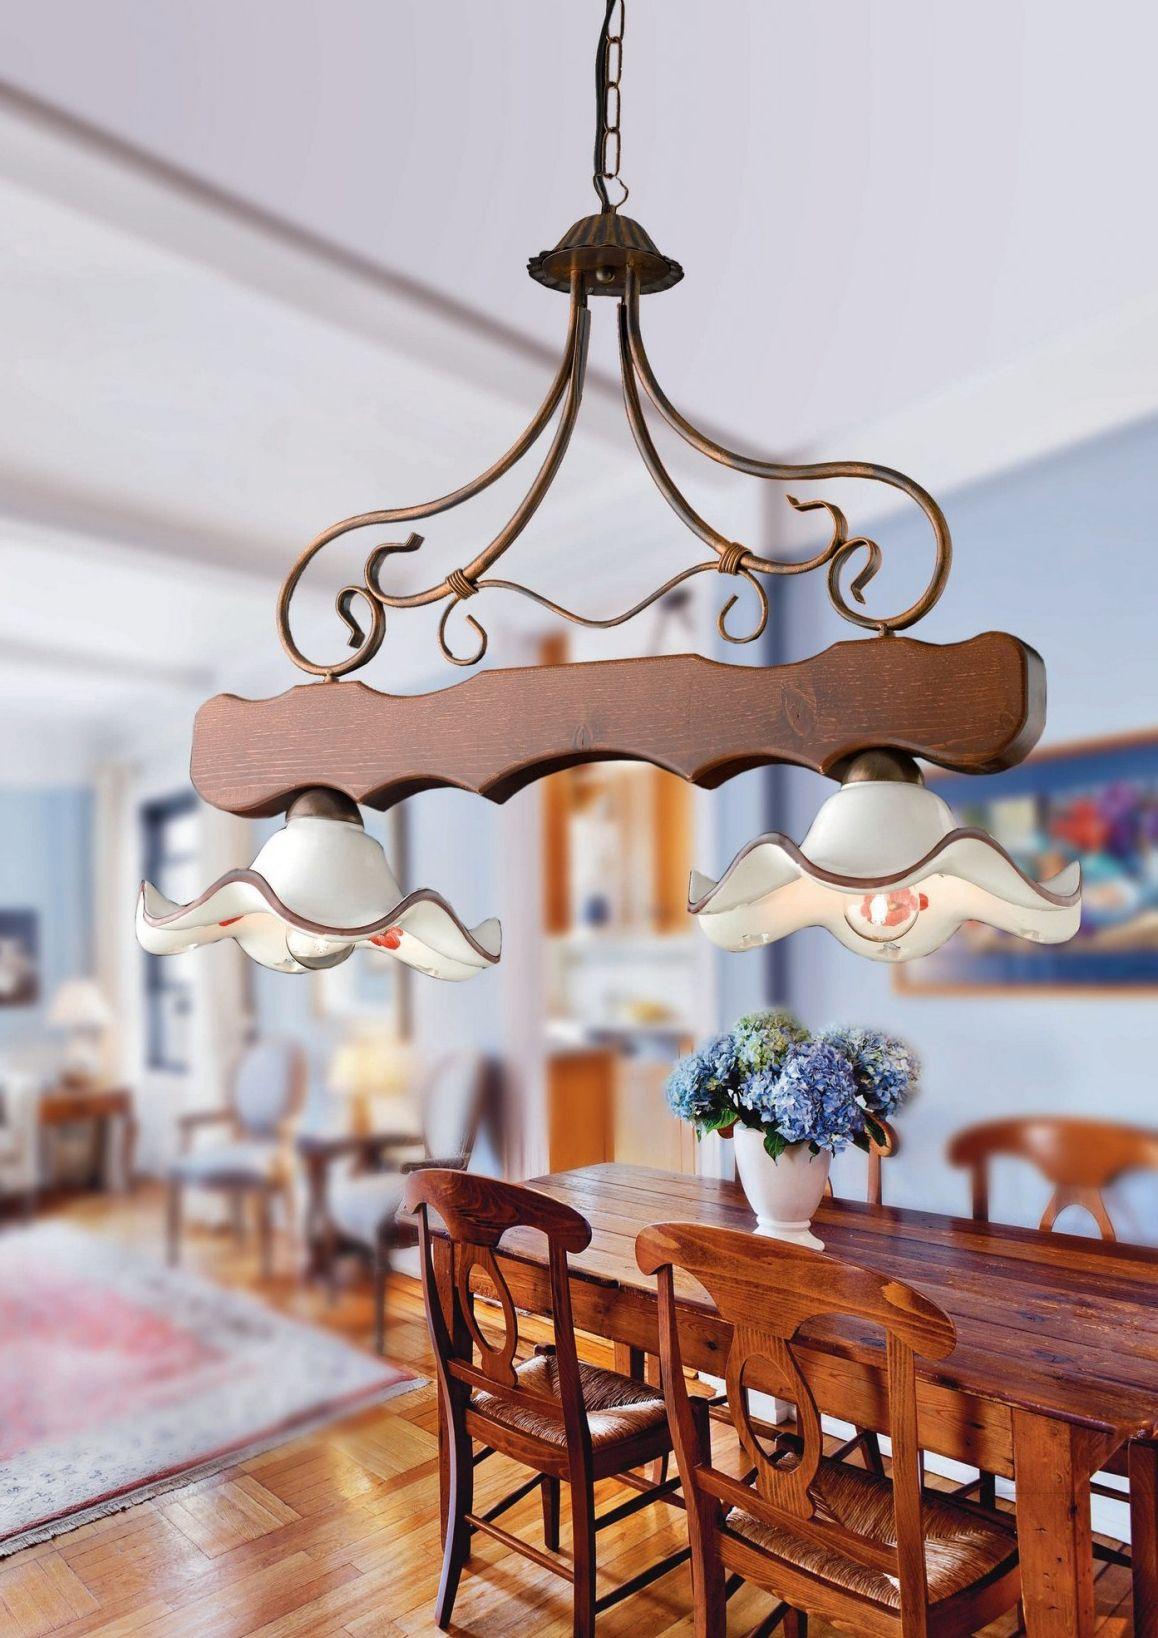 Bilanciere a lampadario rustico in legno e ceramica 2 luci